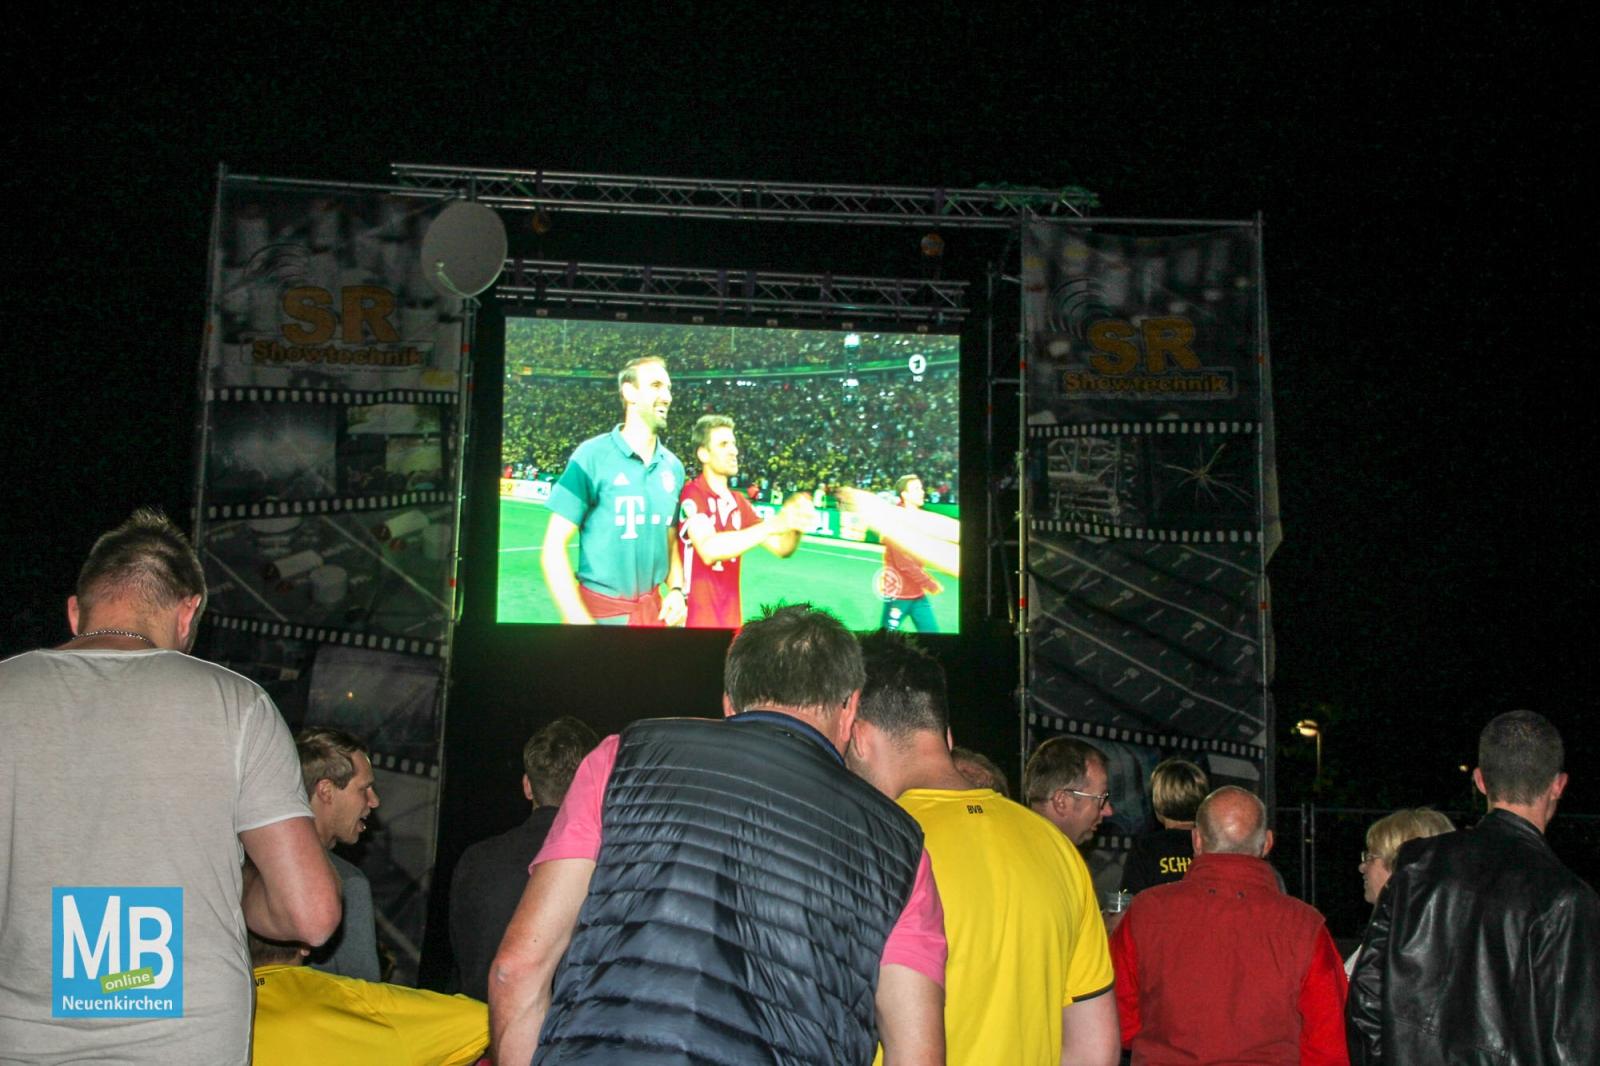 Nur etwa 150 Fußballfans verfolgten das Endspiel zwischen Borussia Dortmund und dem FC Bayern München auf dem Heyeröder Platz. | Foto: Witthake